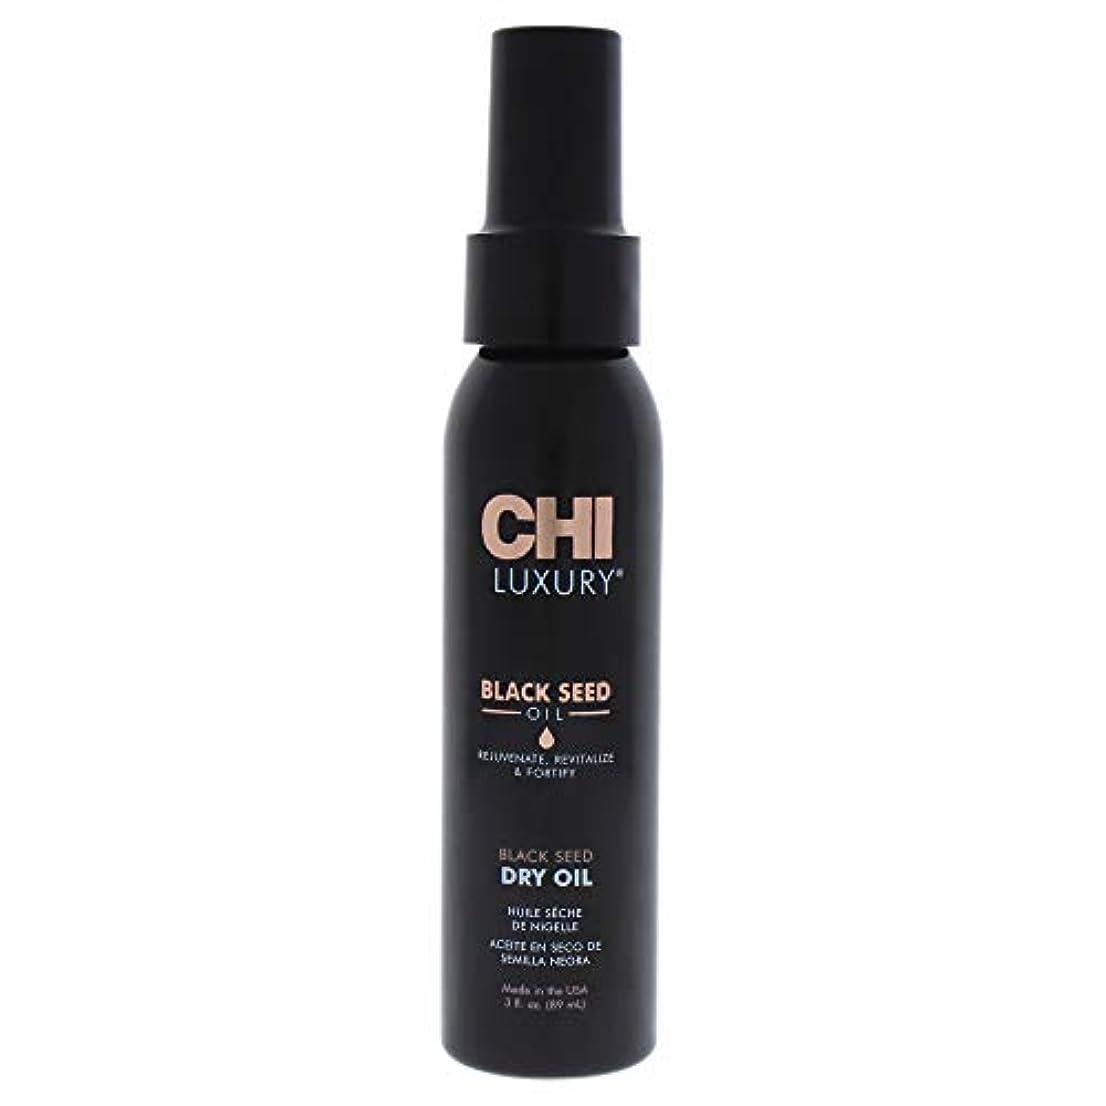 メアリアンジョーンズ一族測定可能CHI Luxury Black Seed Oil Black Seed Dry Oil 89ml/3oz並行輸入品